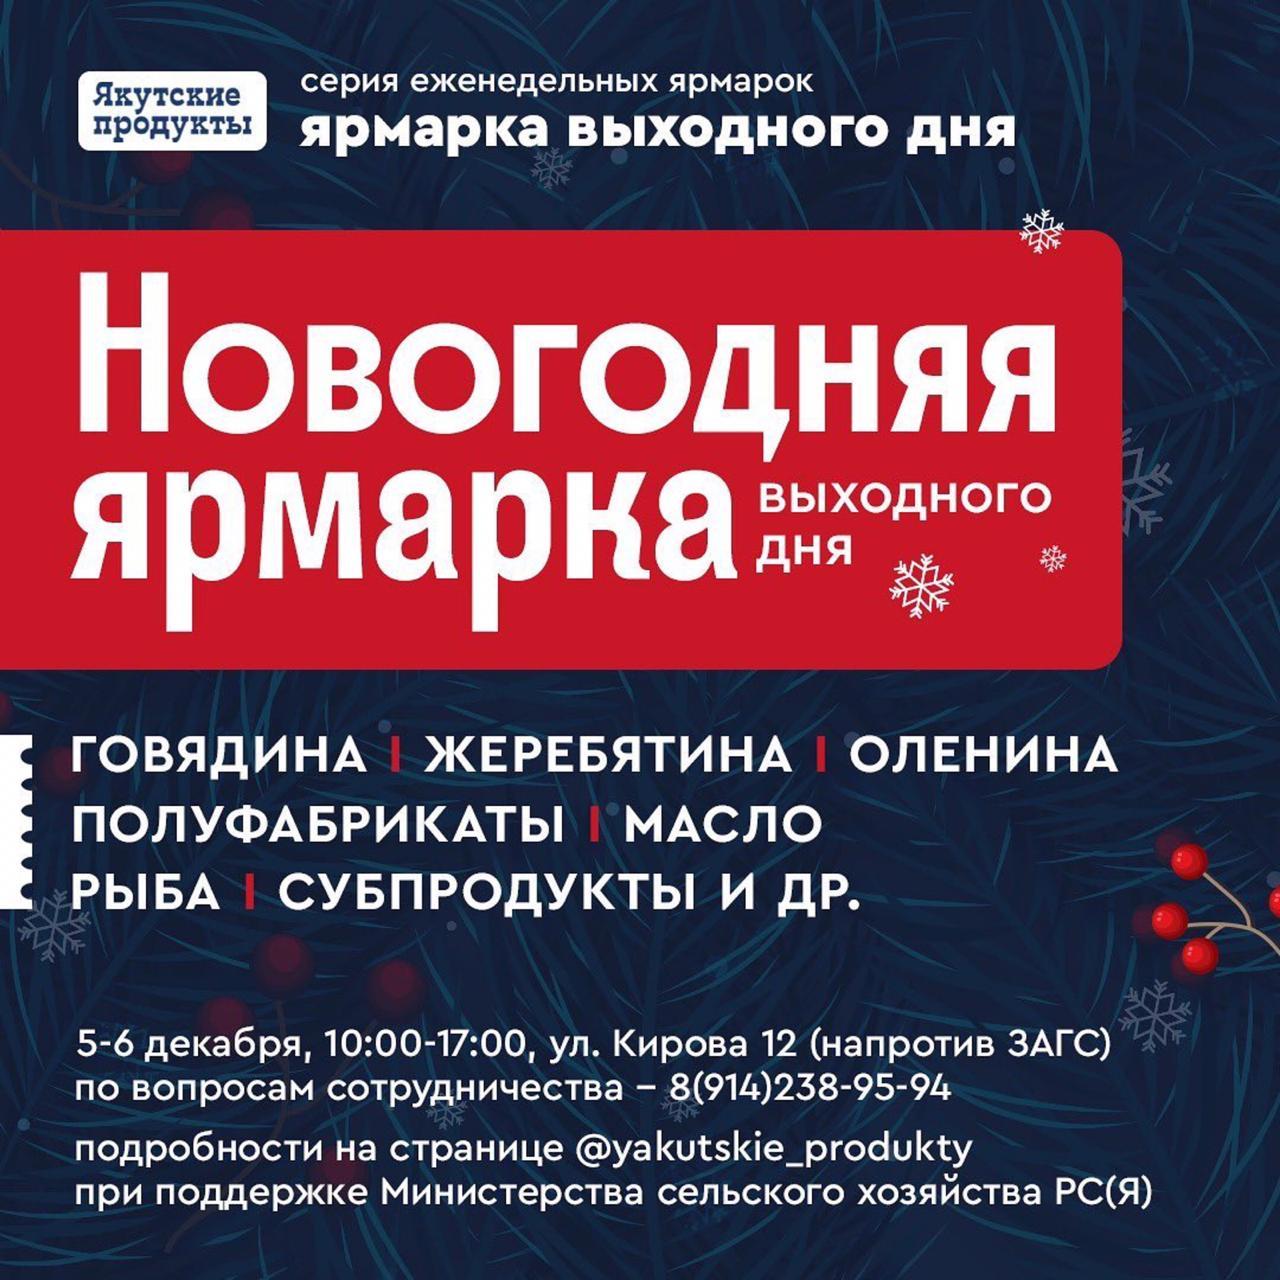 Приходите 5-6 декабря на «Новогоднюю ярмарку выходного дня» на Кирова 12 (напротив ЗАГС)